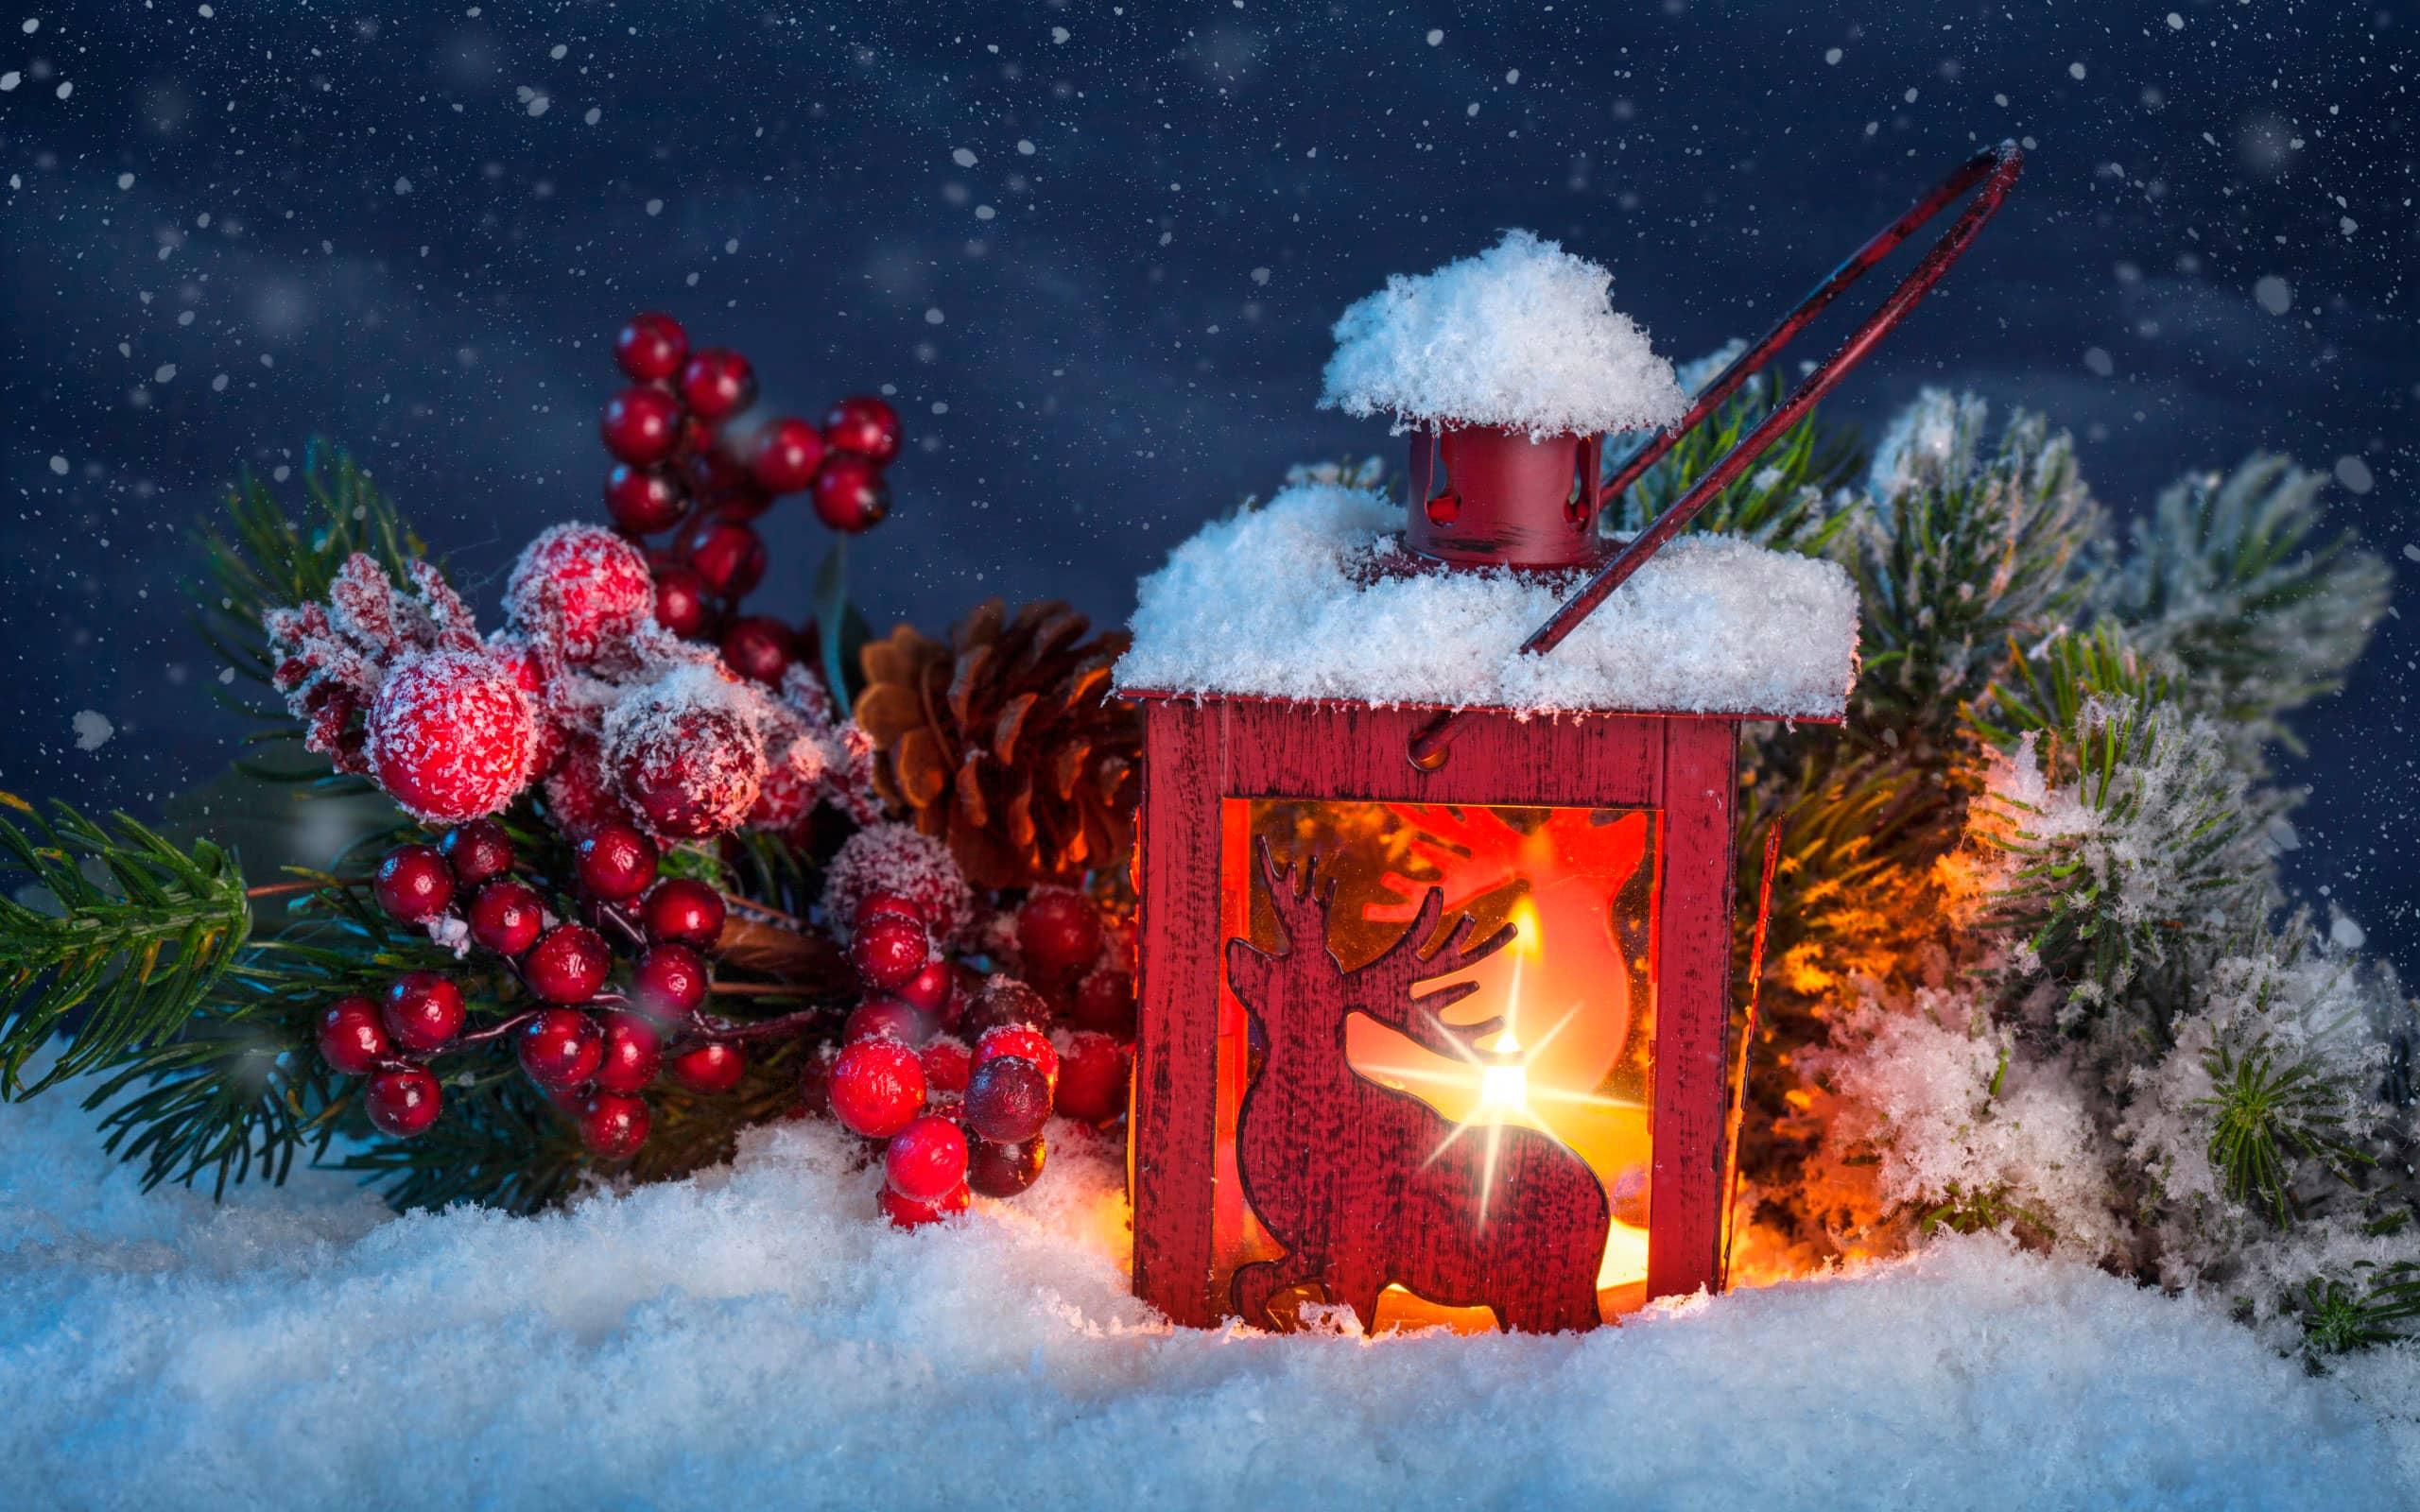 Скачати фото гола снігурочка фото 498-70